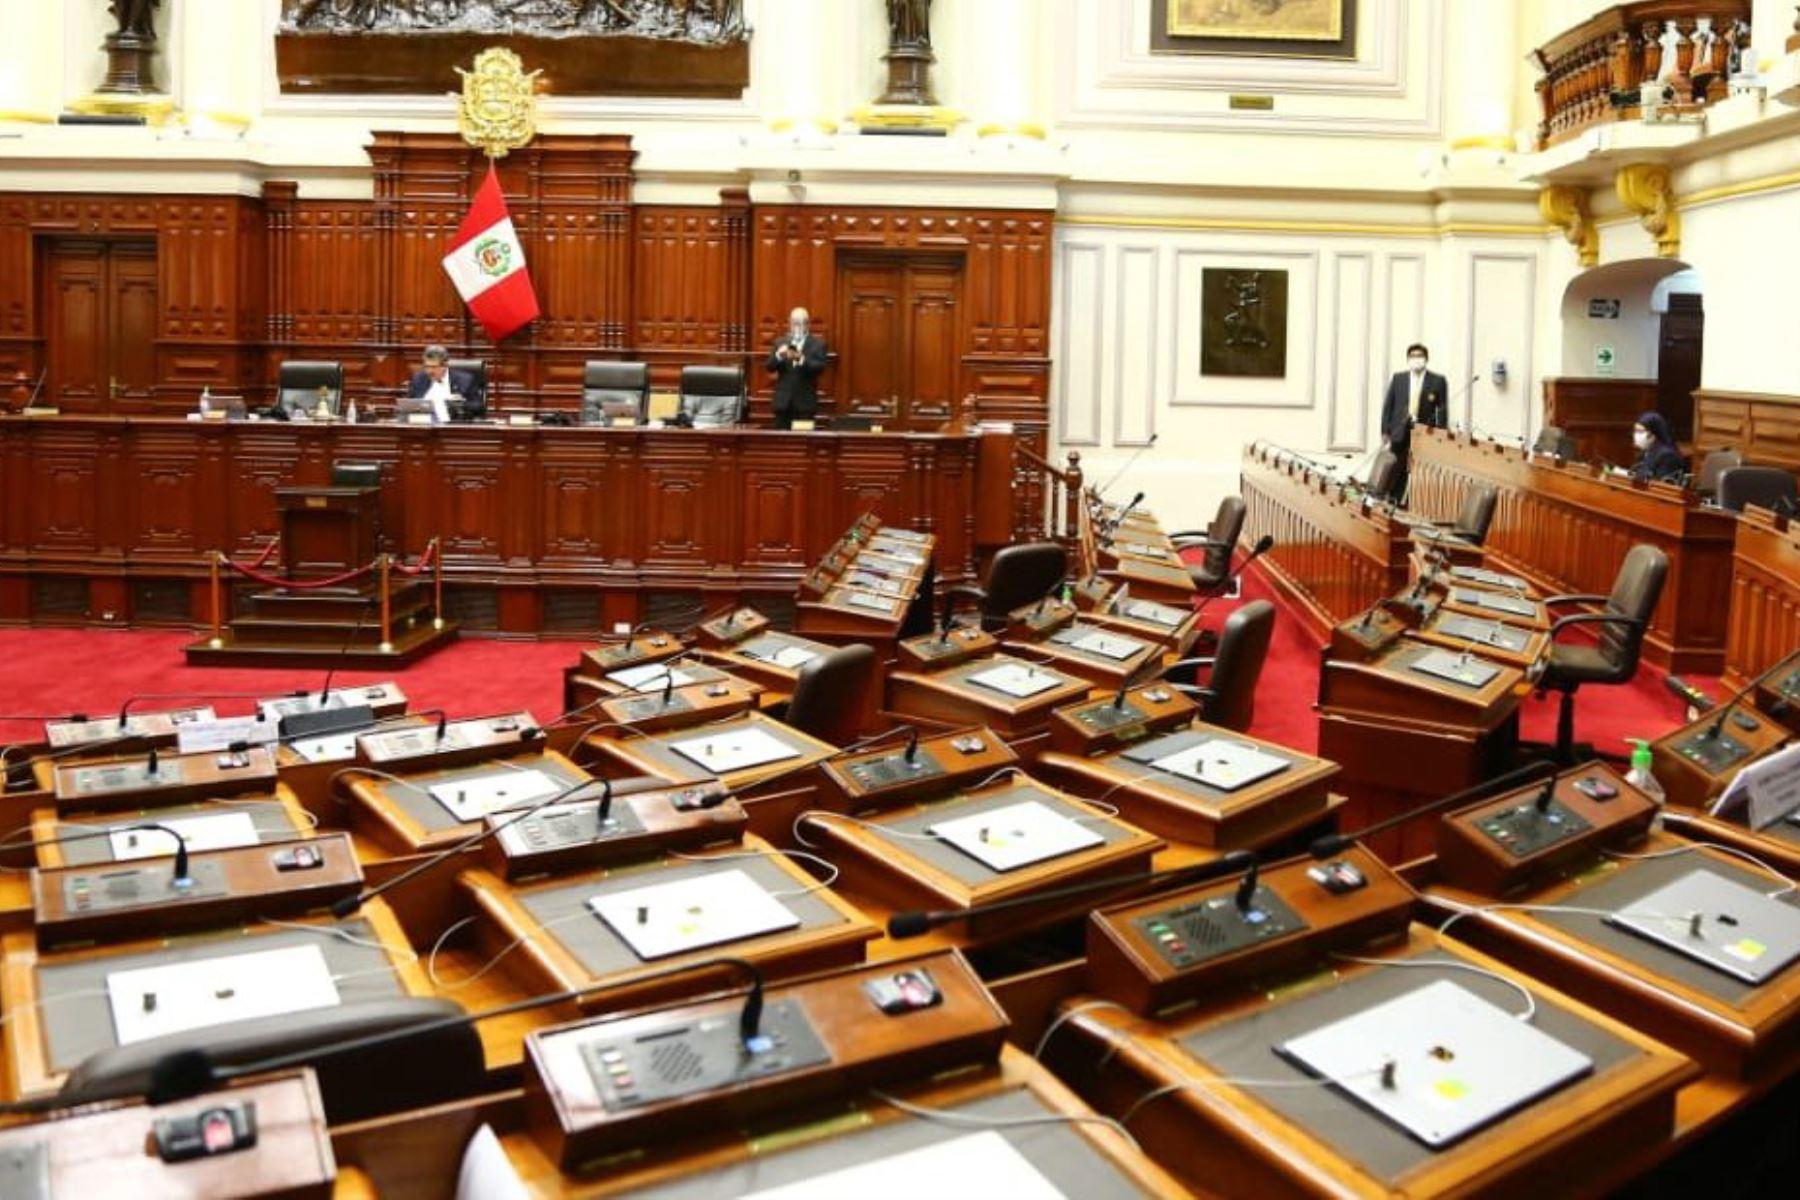 Pronunciamiento: El Congreso busca alterar la Constitución para socavar el equilibrio de poderes